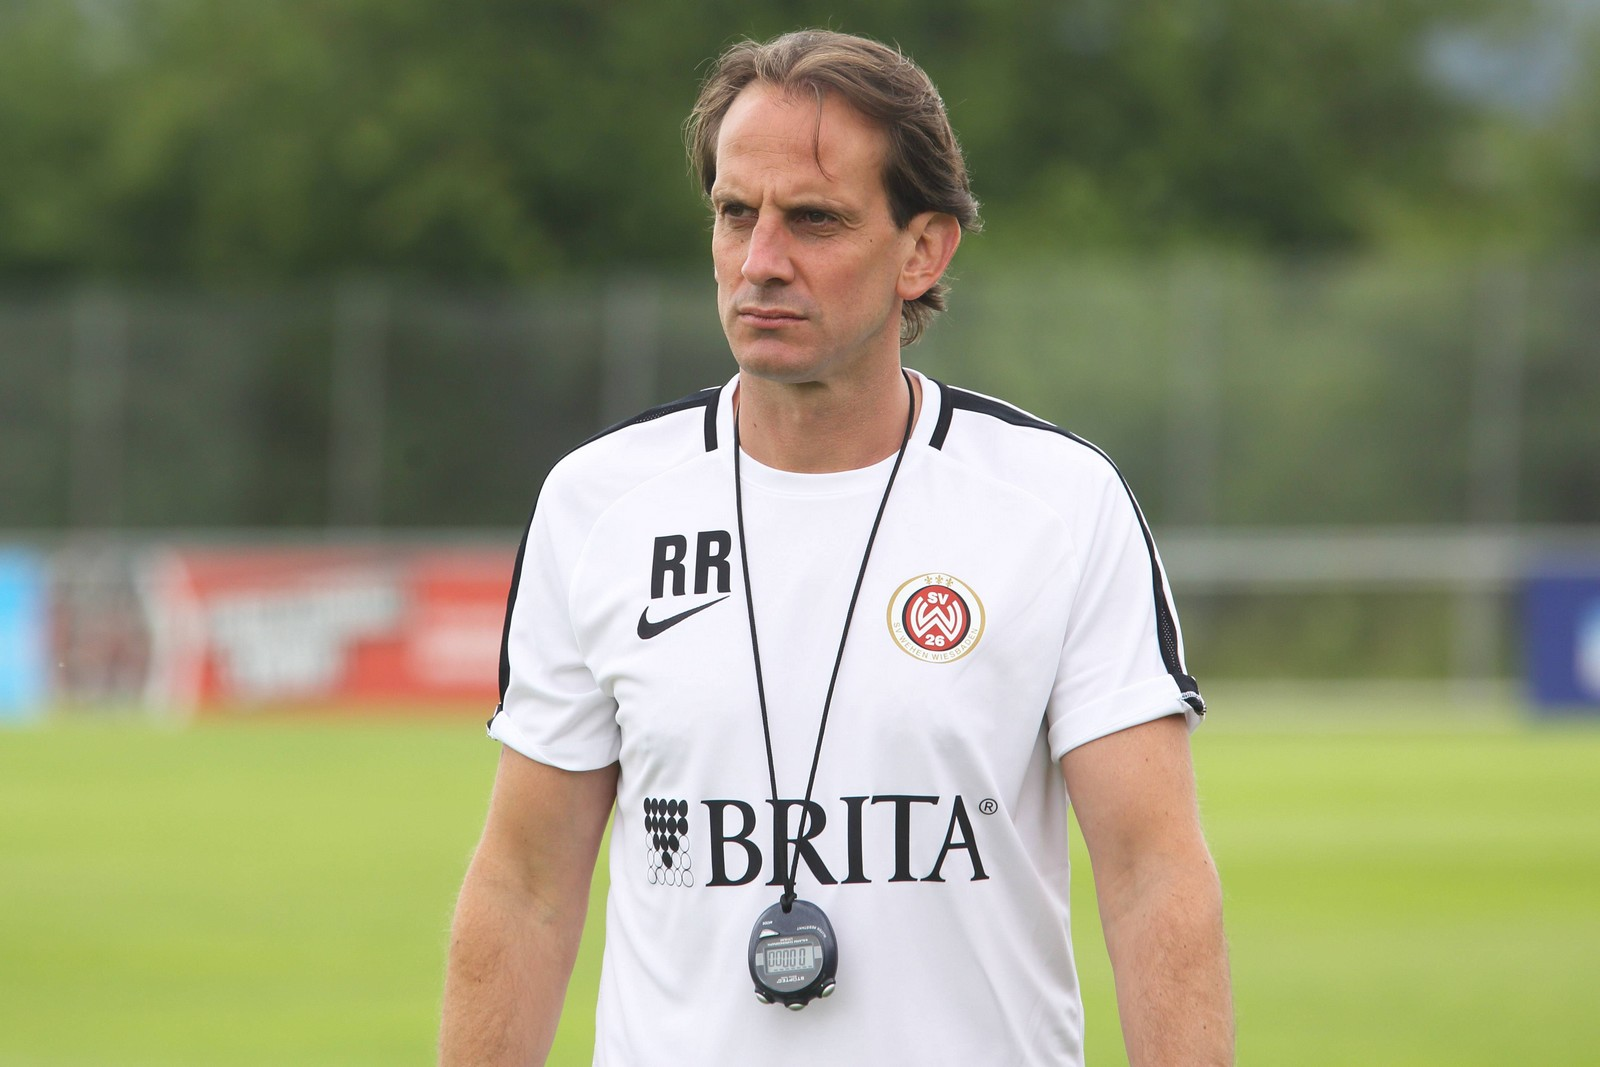 Rüdiger Rehm beim SV Wehen Wiesbaden